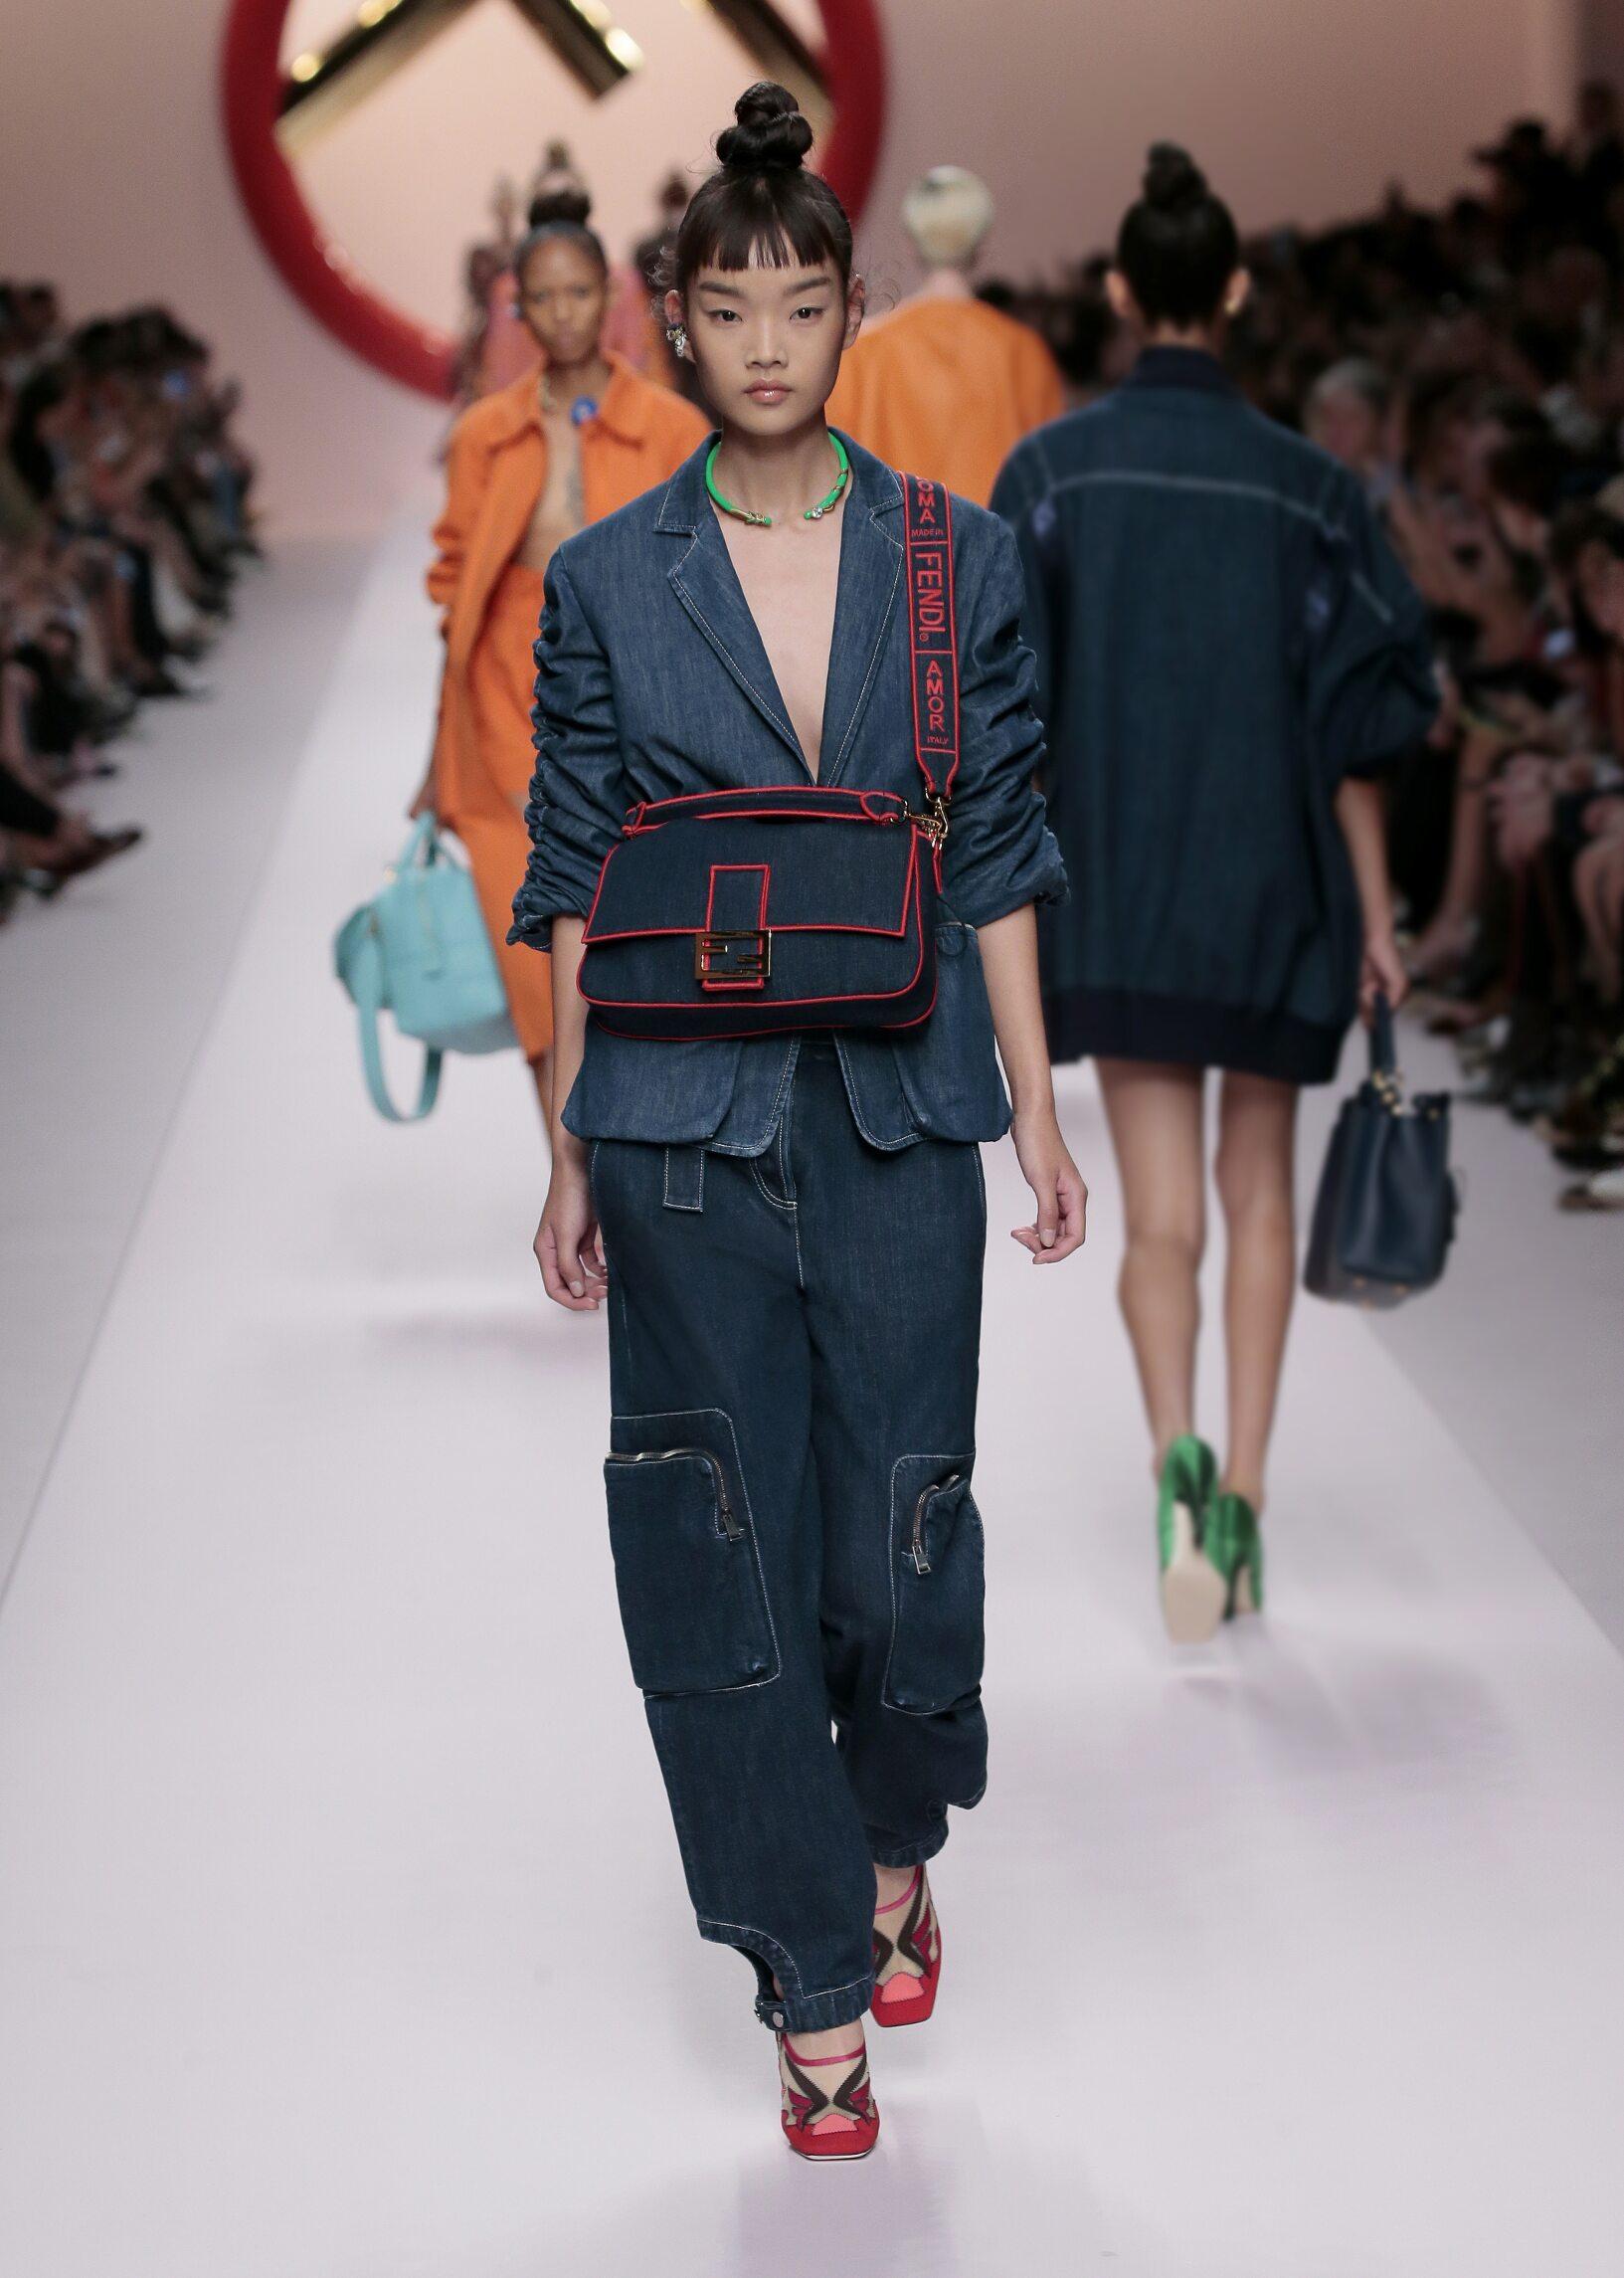 Fendi SS 2019 Womenswear